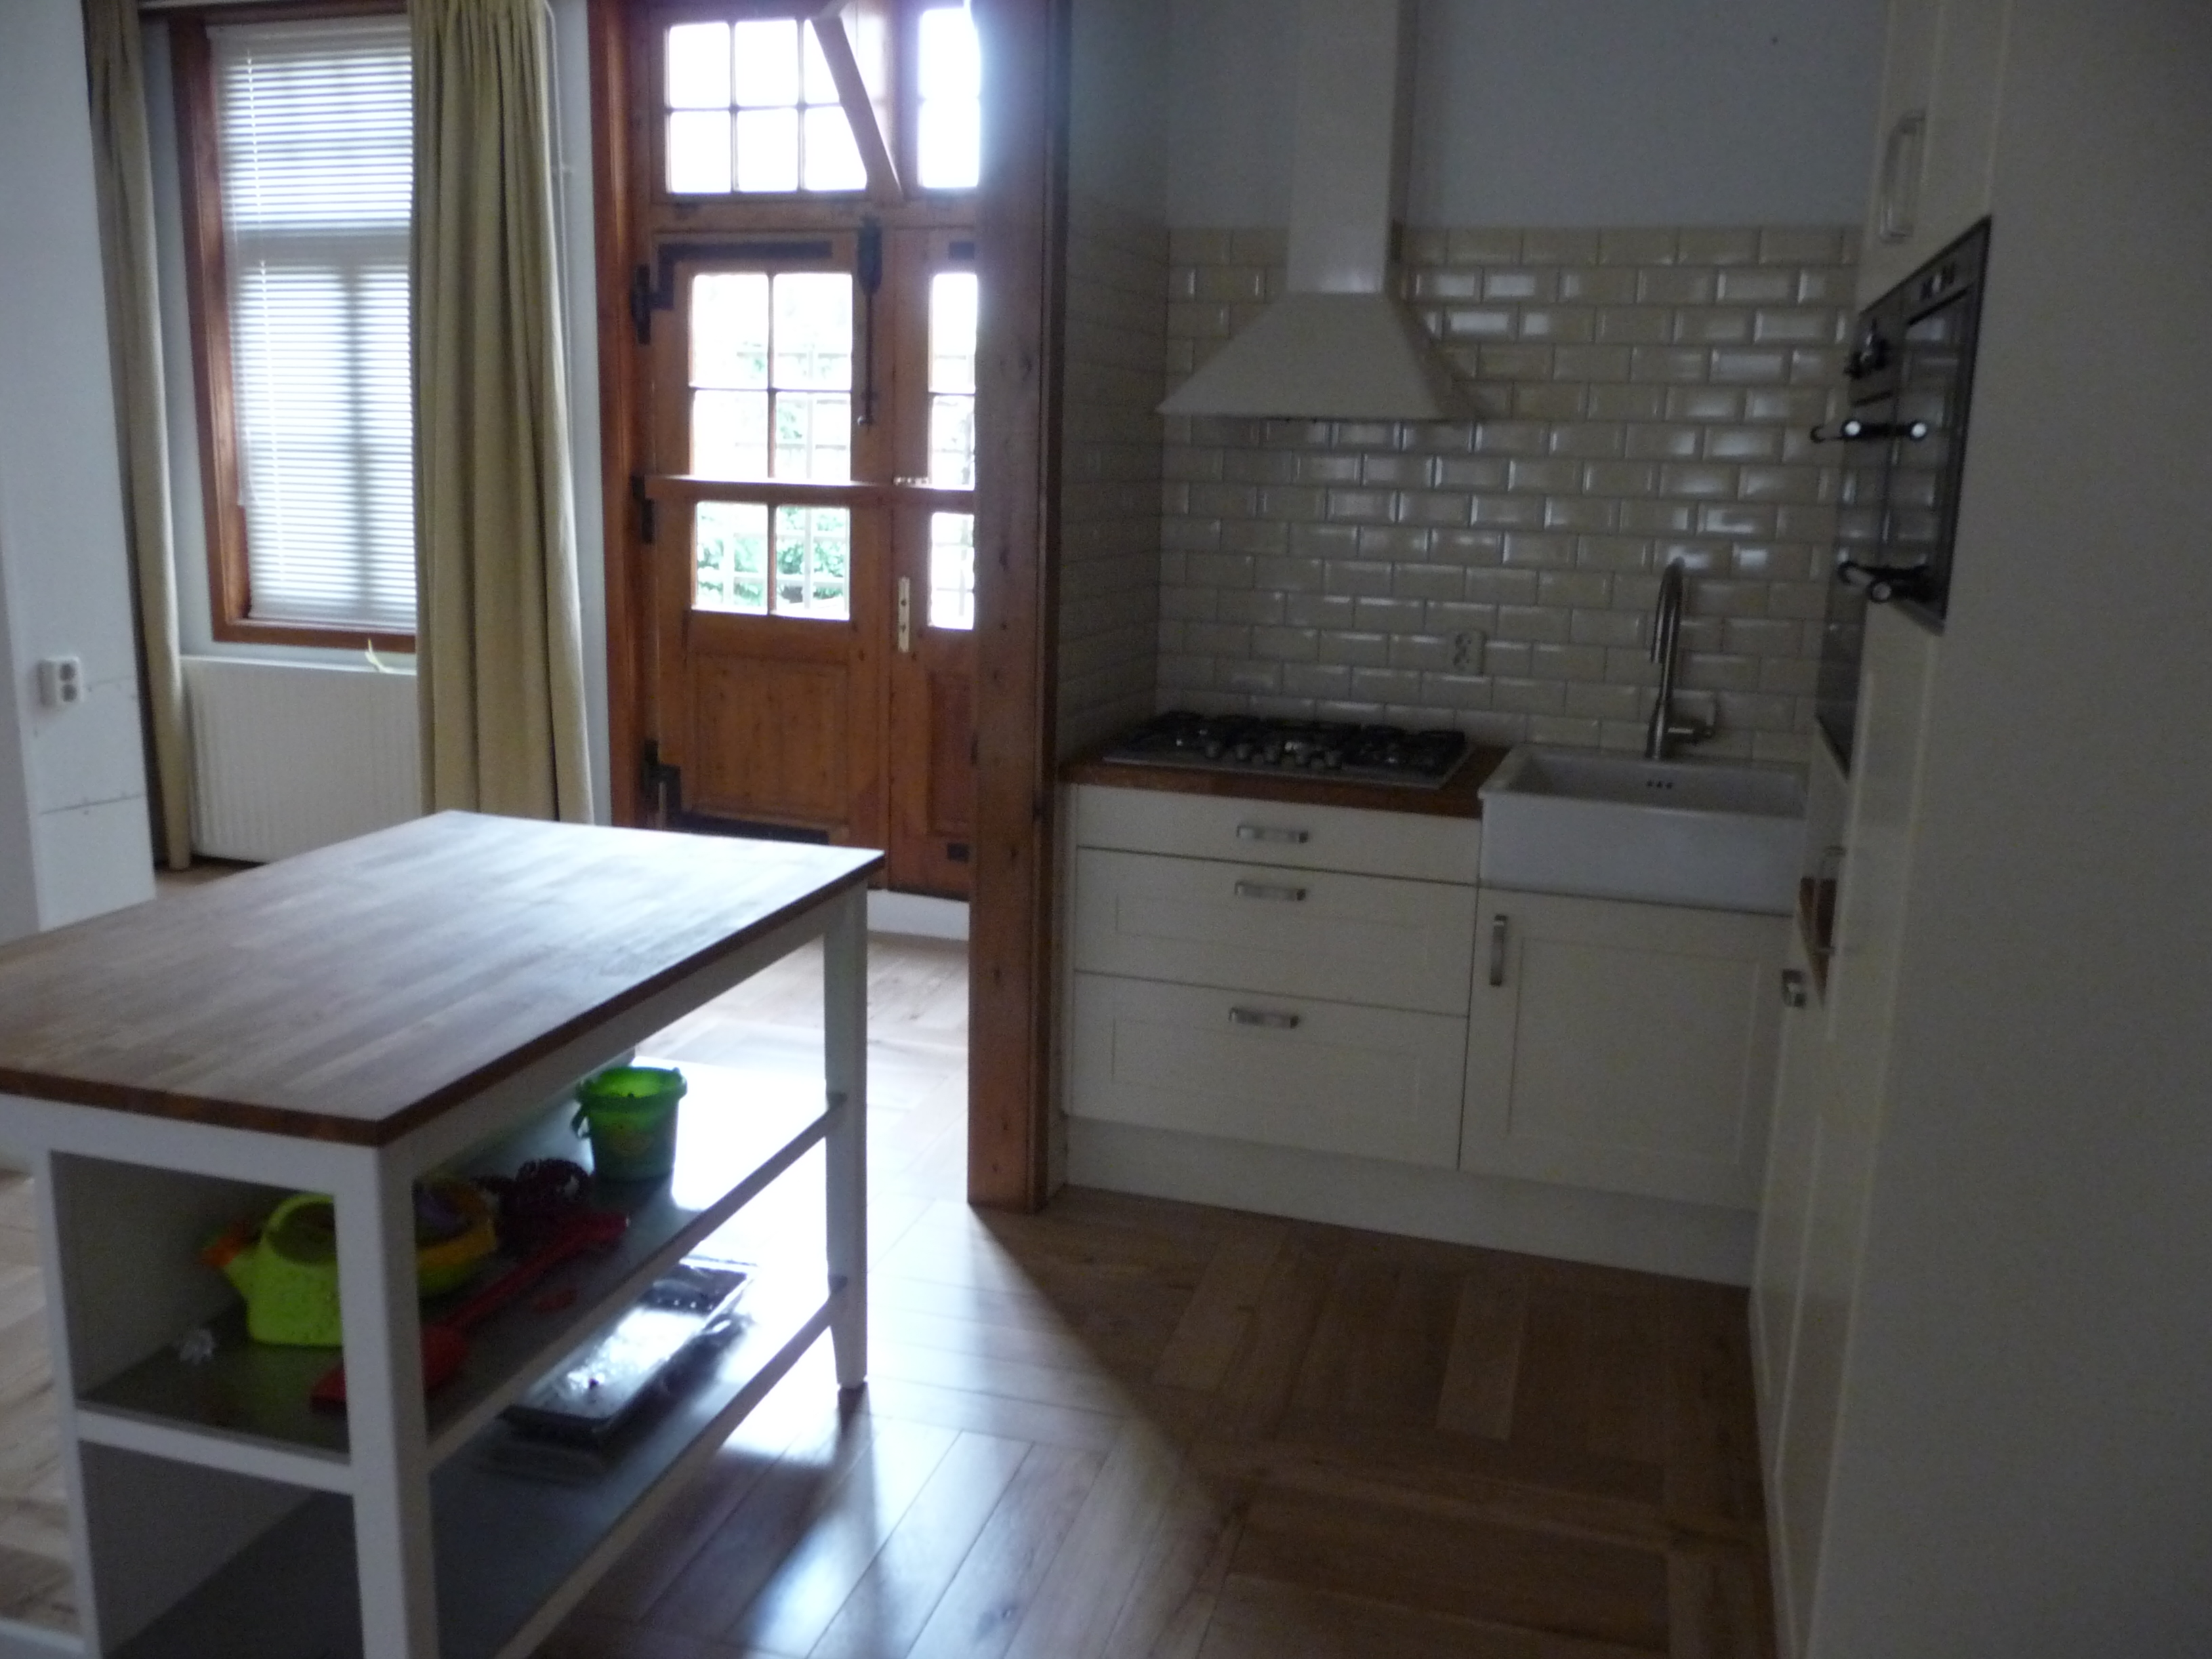 vloer met eiken restanten in patroon gelegd plaatsen keuken voorzien van tegelwerk op maat gemaakte gordijnen